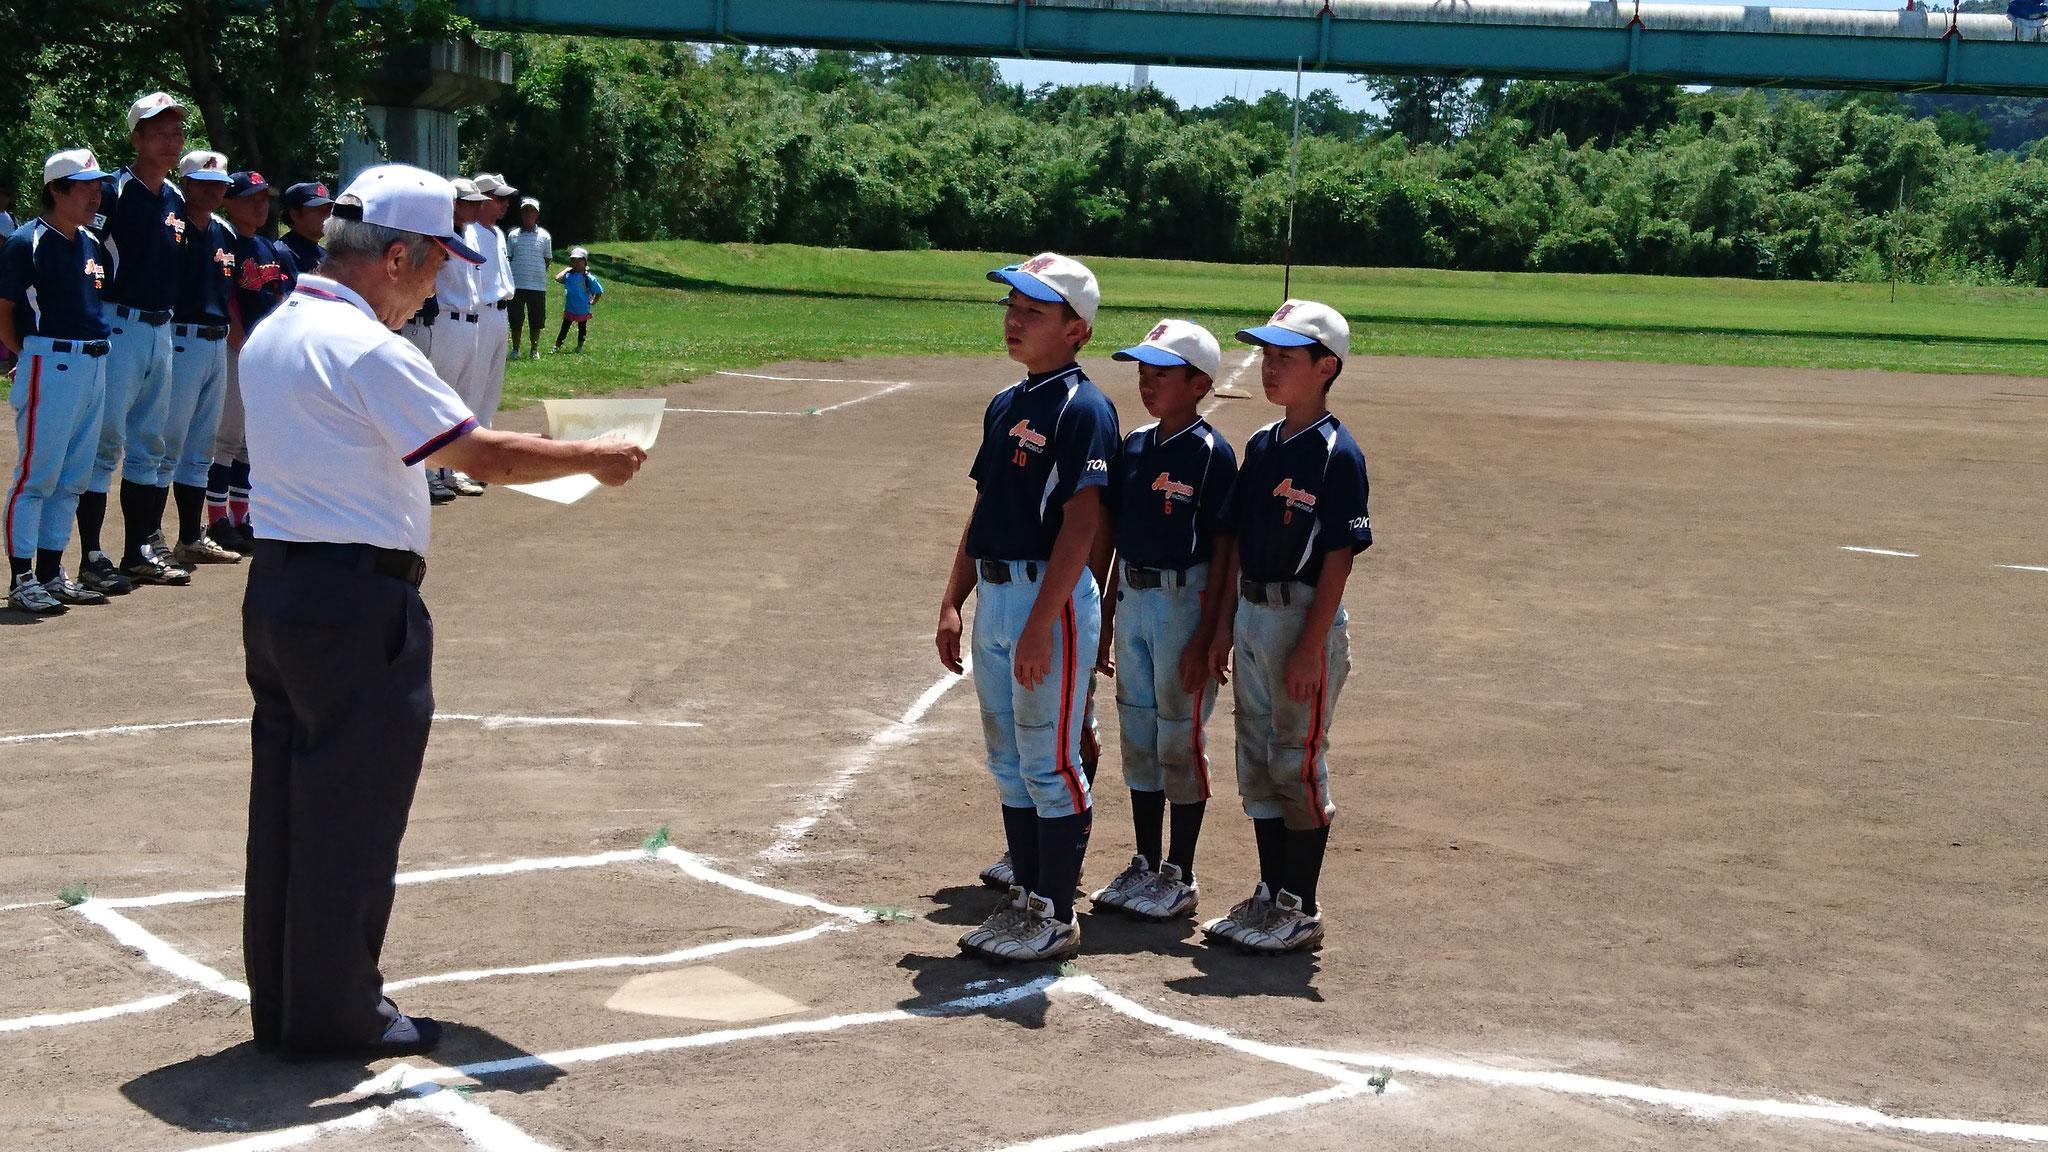 第25回市長杯争奪少年野球大会      表彰式 平成30年7月1日